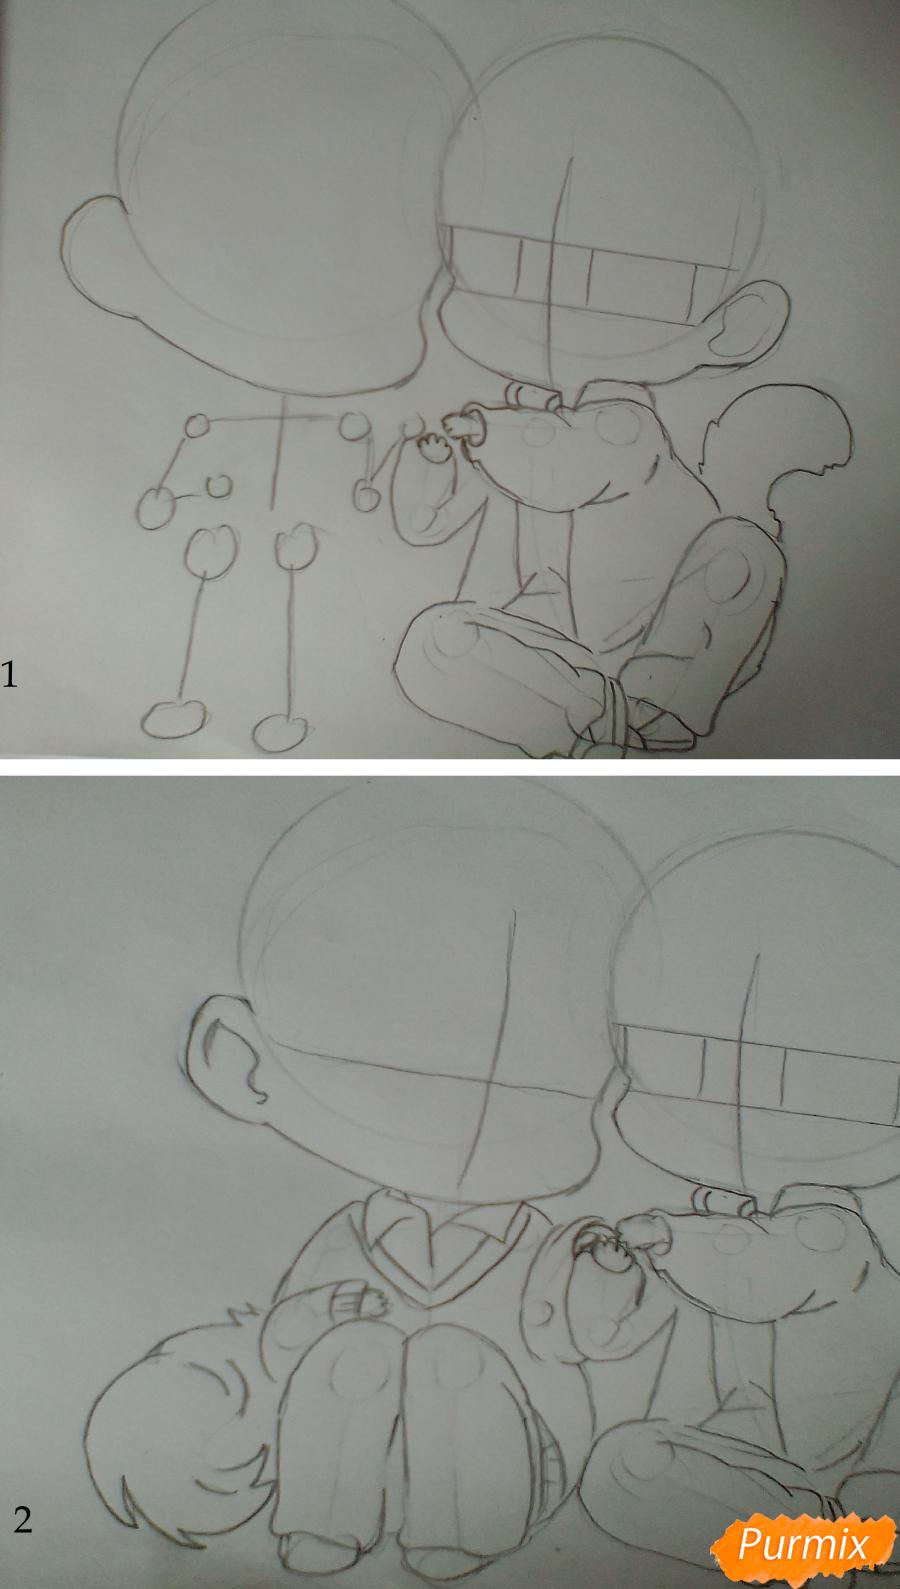 Рисуем и раскрасить Уэнояму и Мафую в стиле чиби - шаг 2